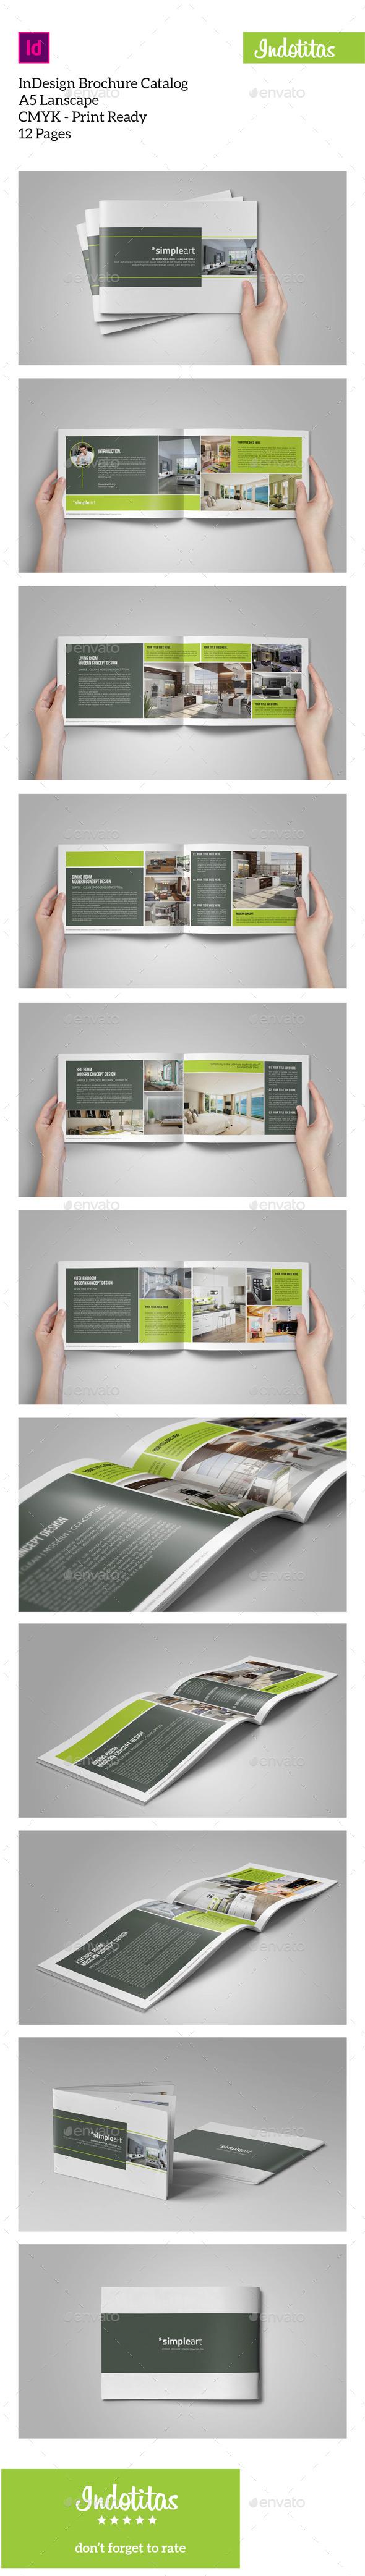 GraphicRiver Brochure Catalogs A5 Lanscape 9685881